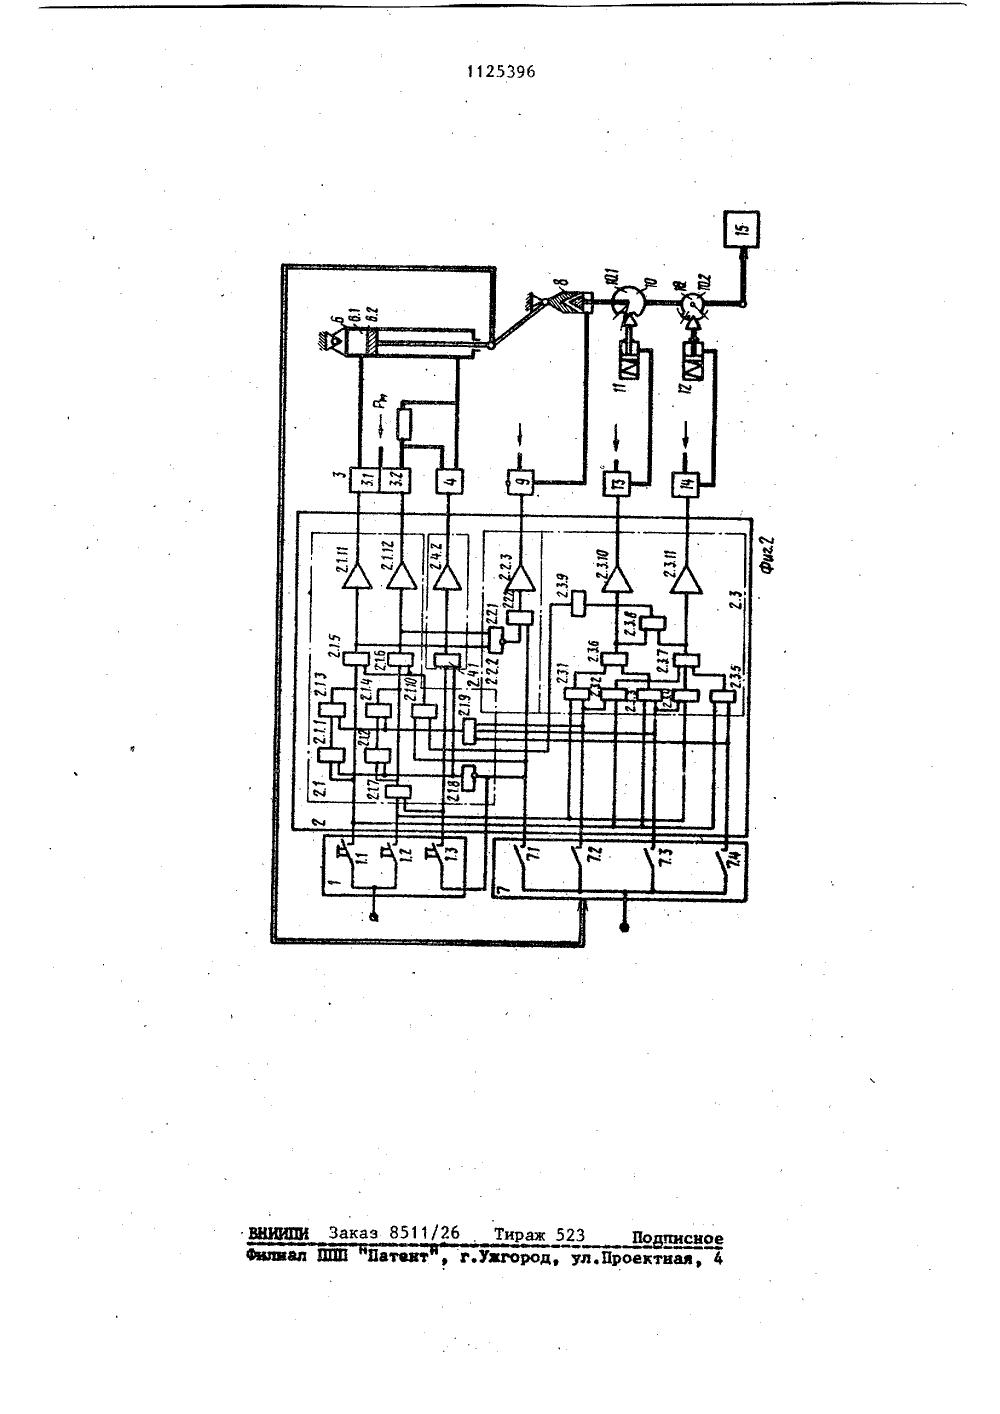 De susceptibility: дистанционное автоматизированное управление главным двигателем судна